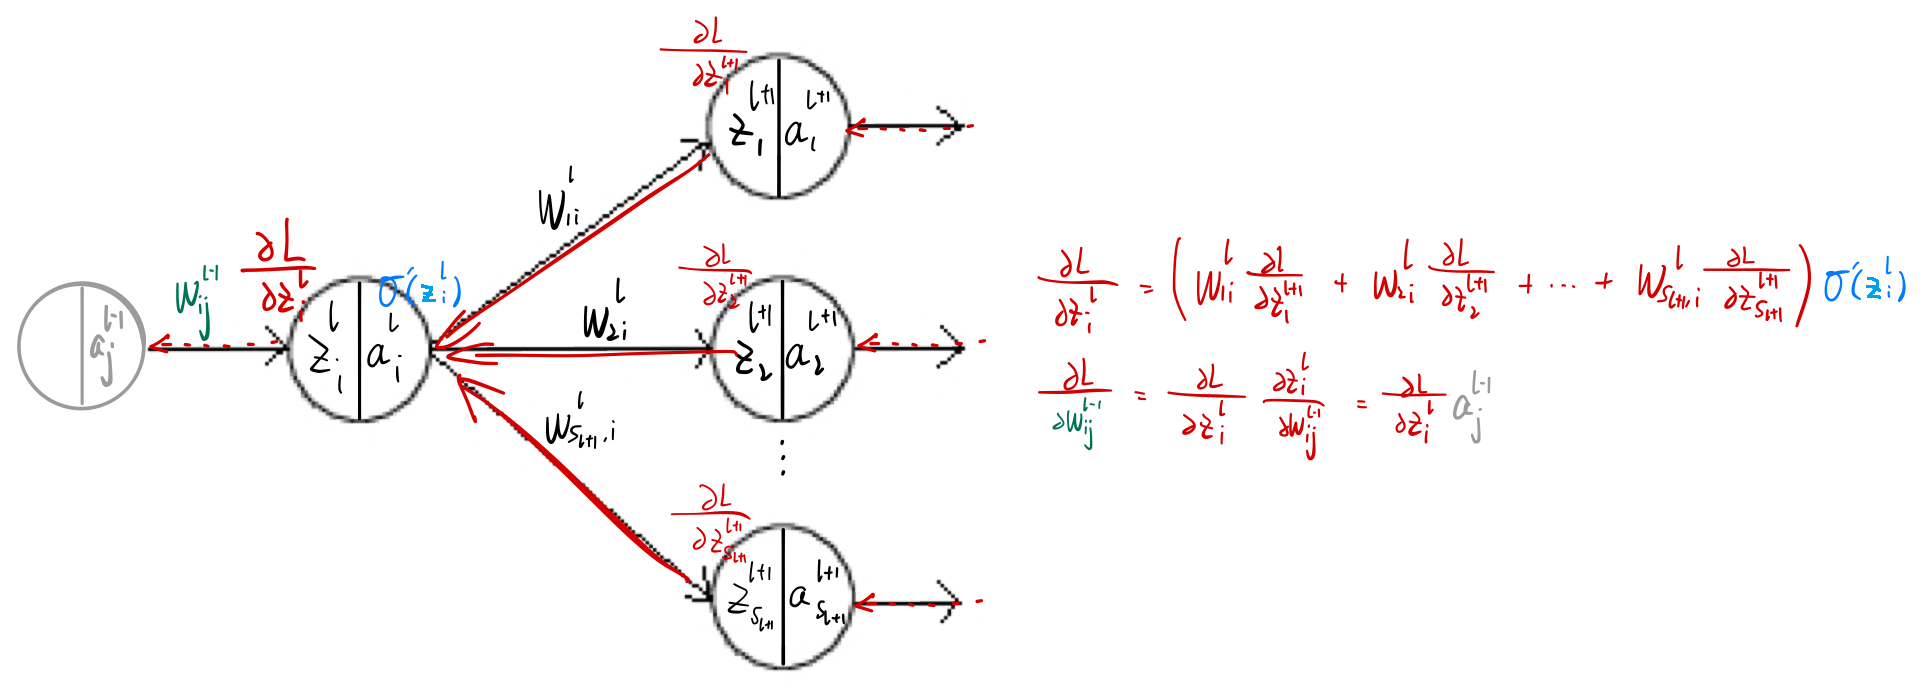 图1. 反向传播示例(黑色箭头代表前向传播,红色箭头代表反向传播